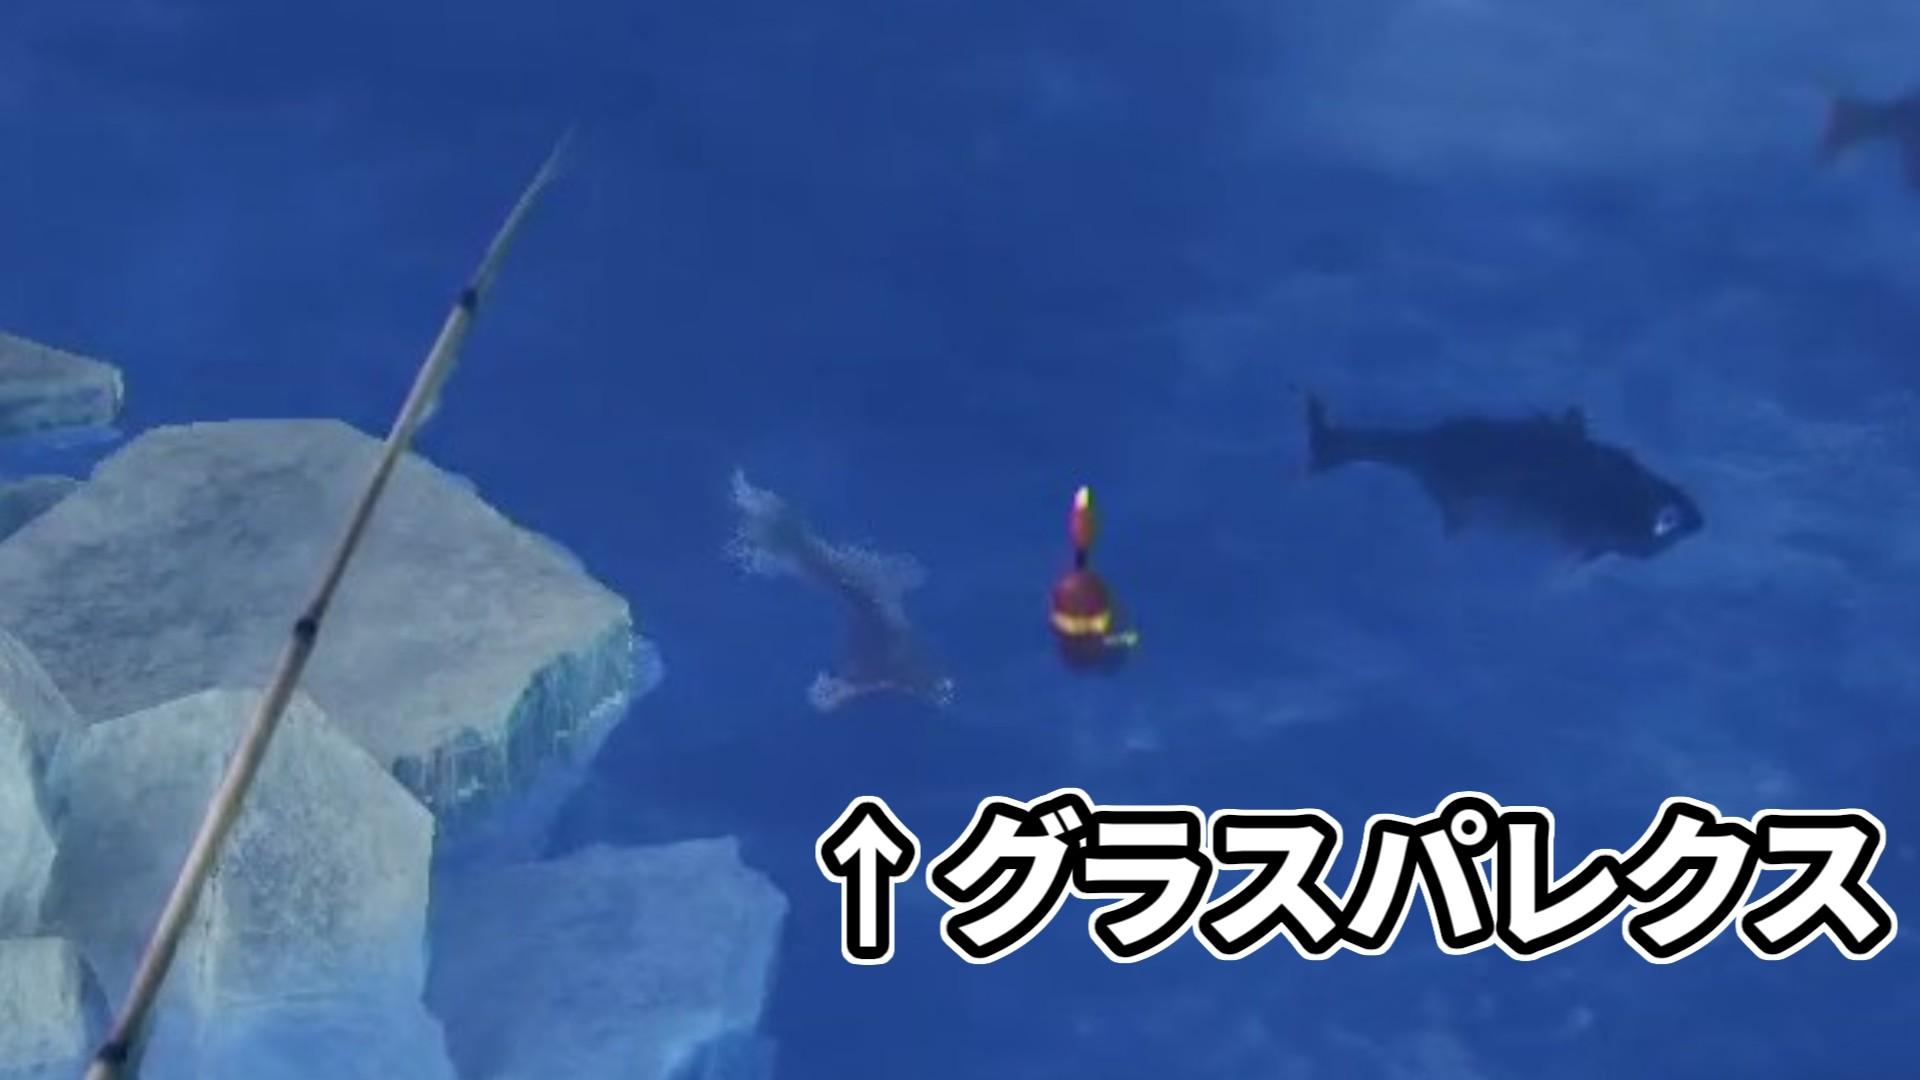 魚類 孤高 調査 員 の